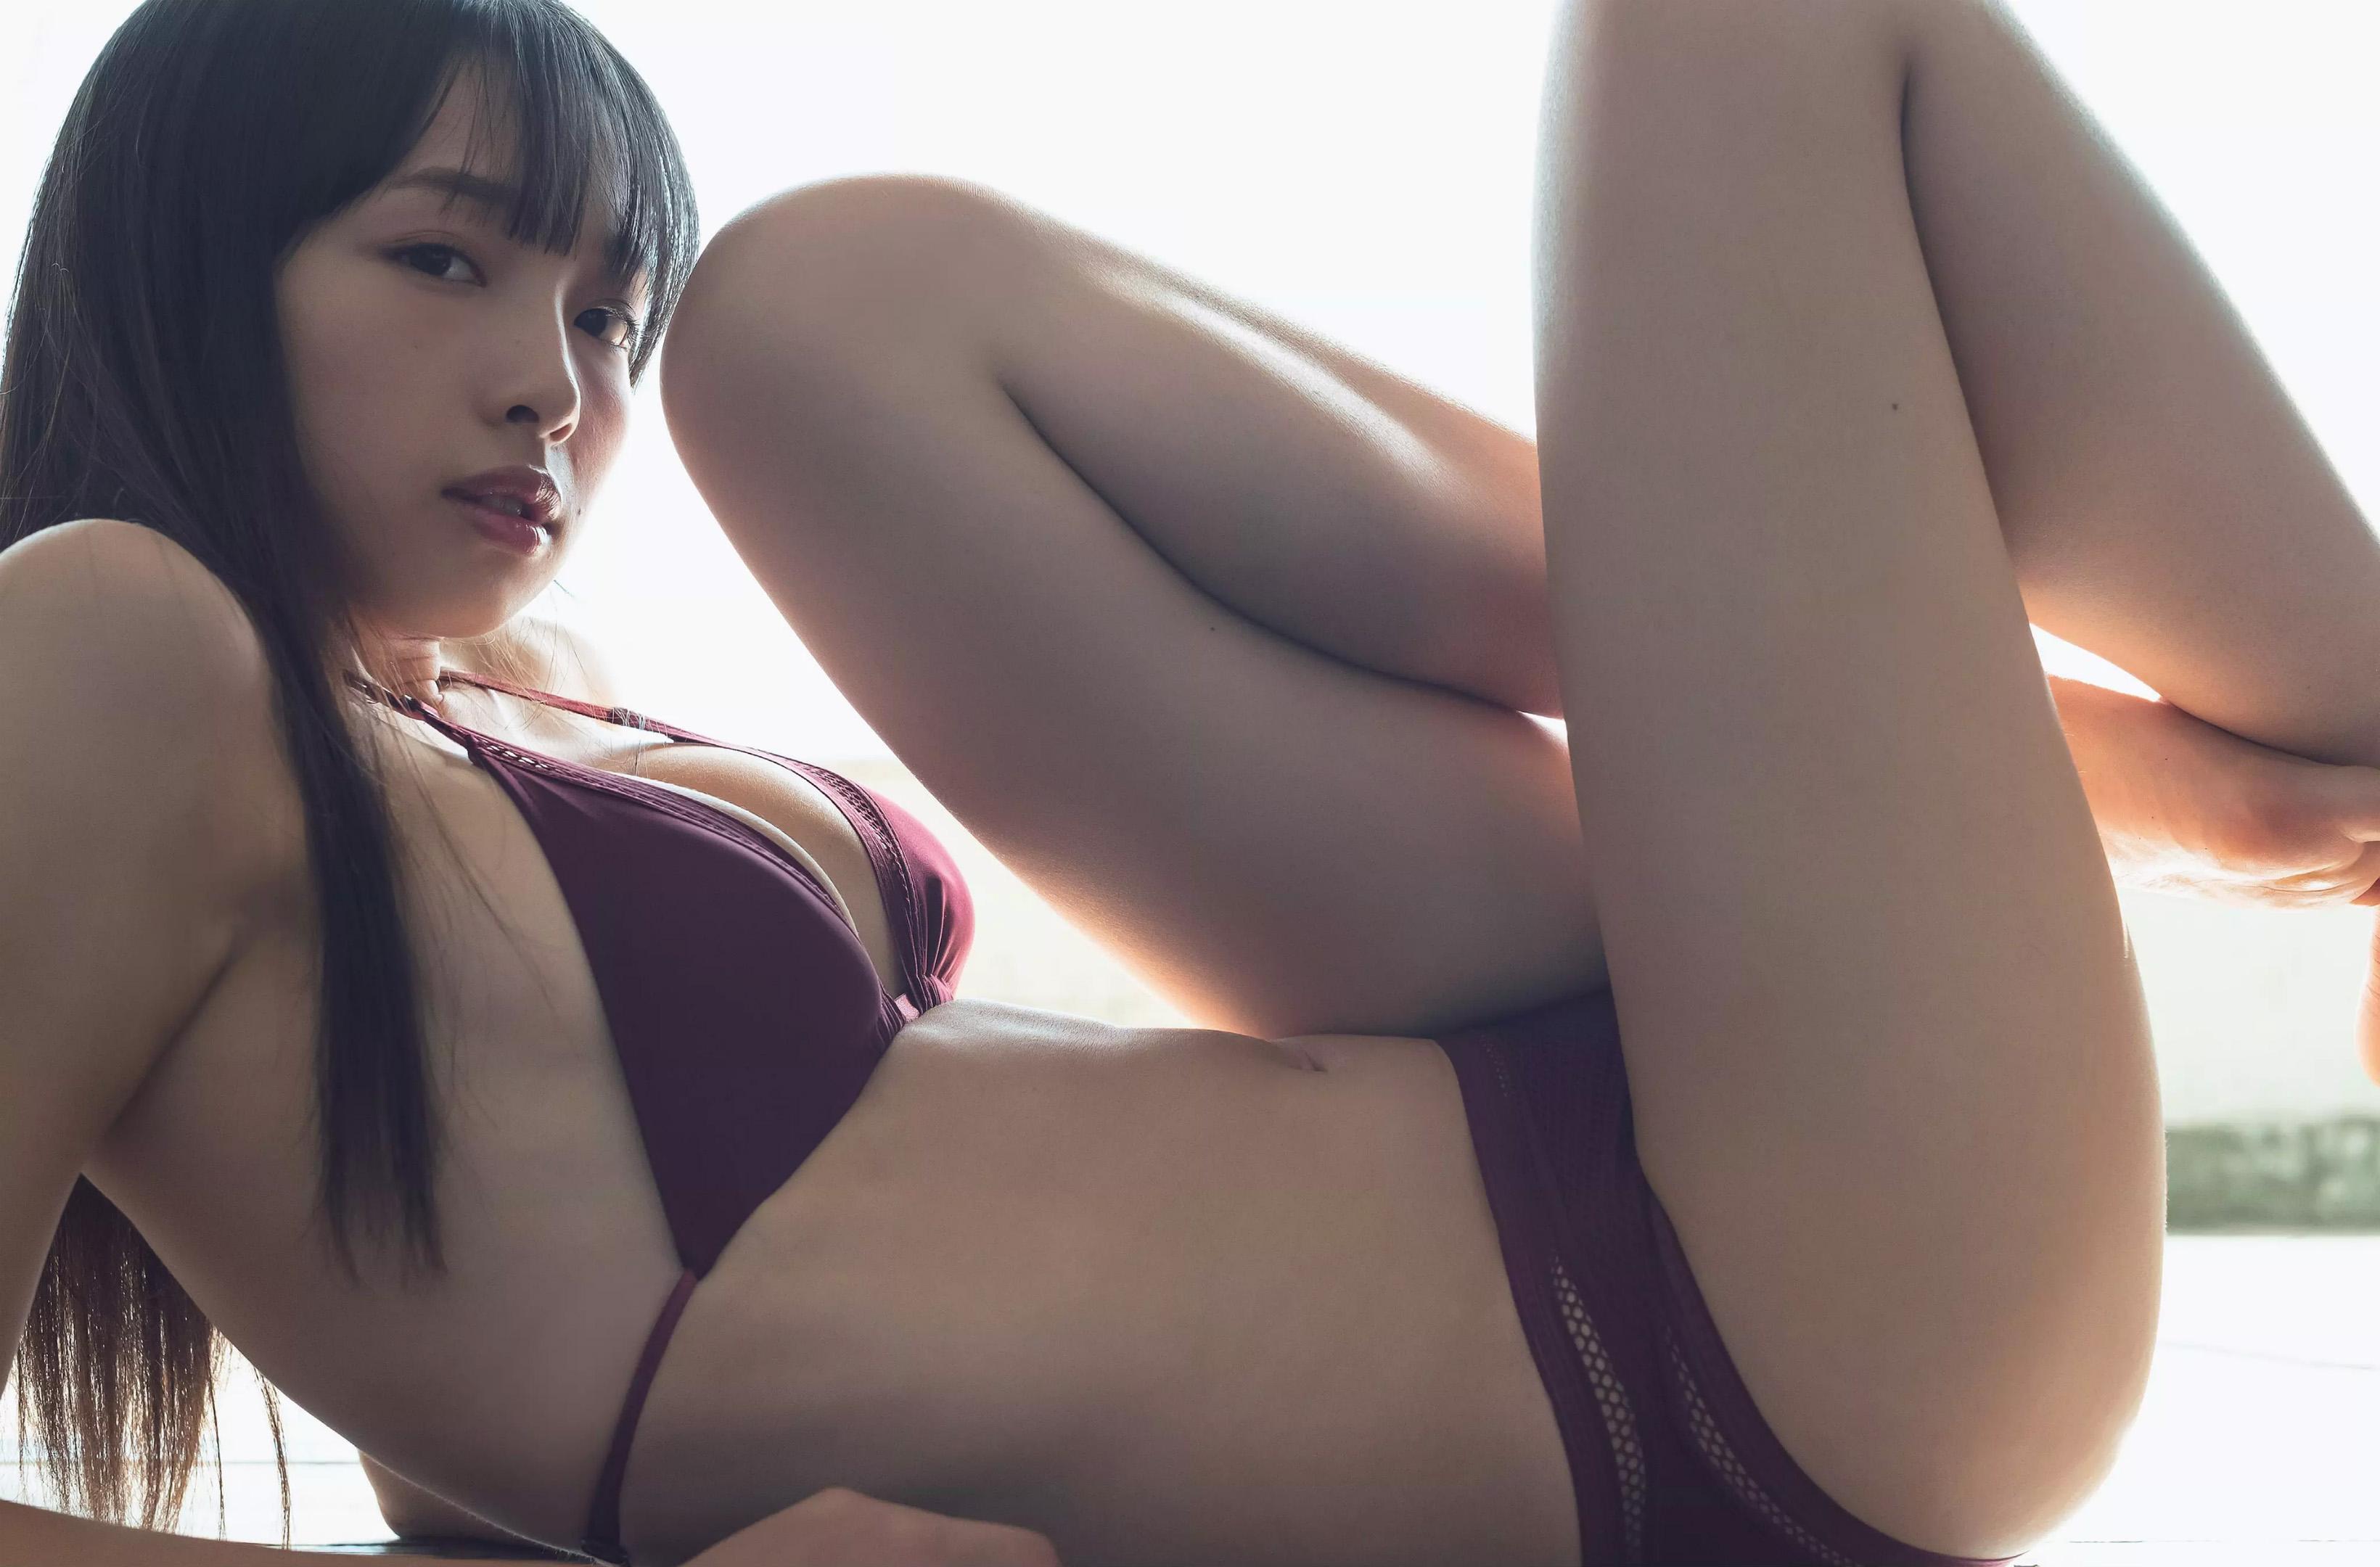 川崎绫 华村飞鸟-FLASH 2018年11月27号-星宫动漫